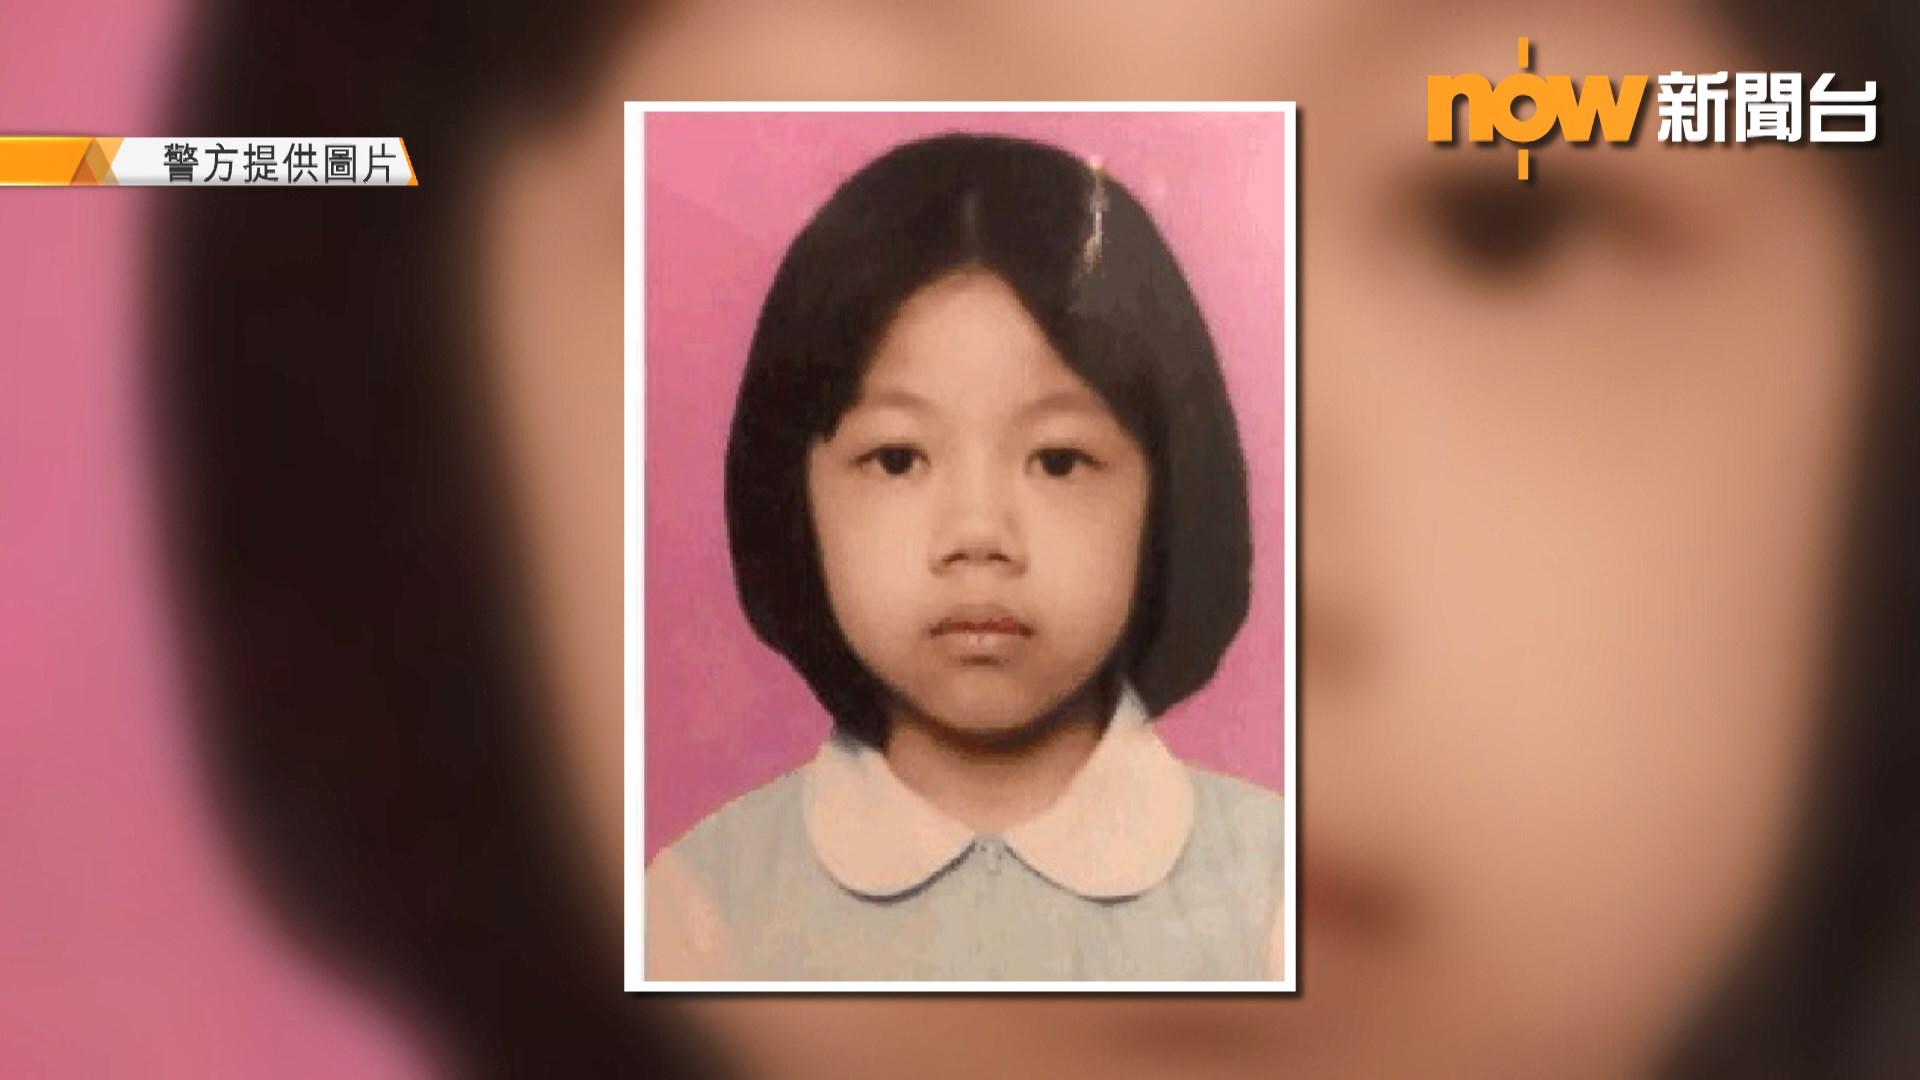 警方籲提供10歲失蹤女童下落